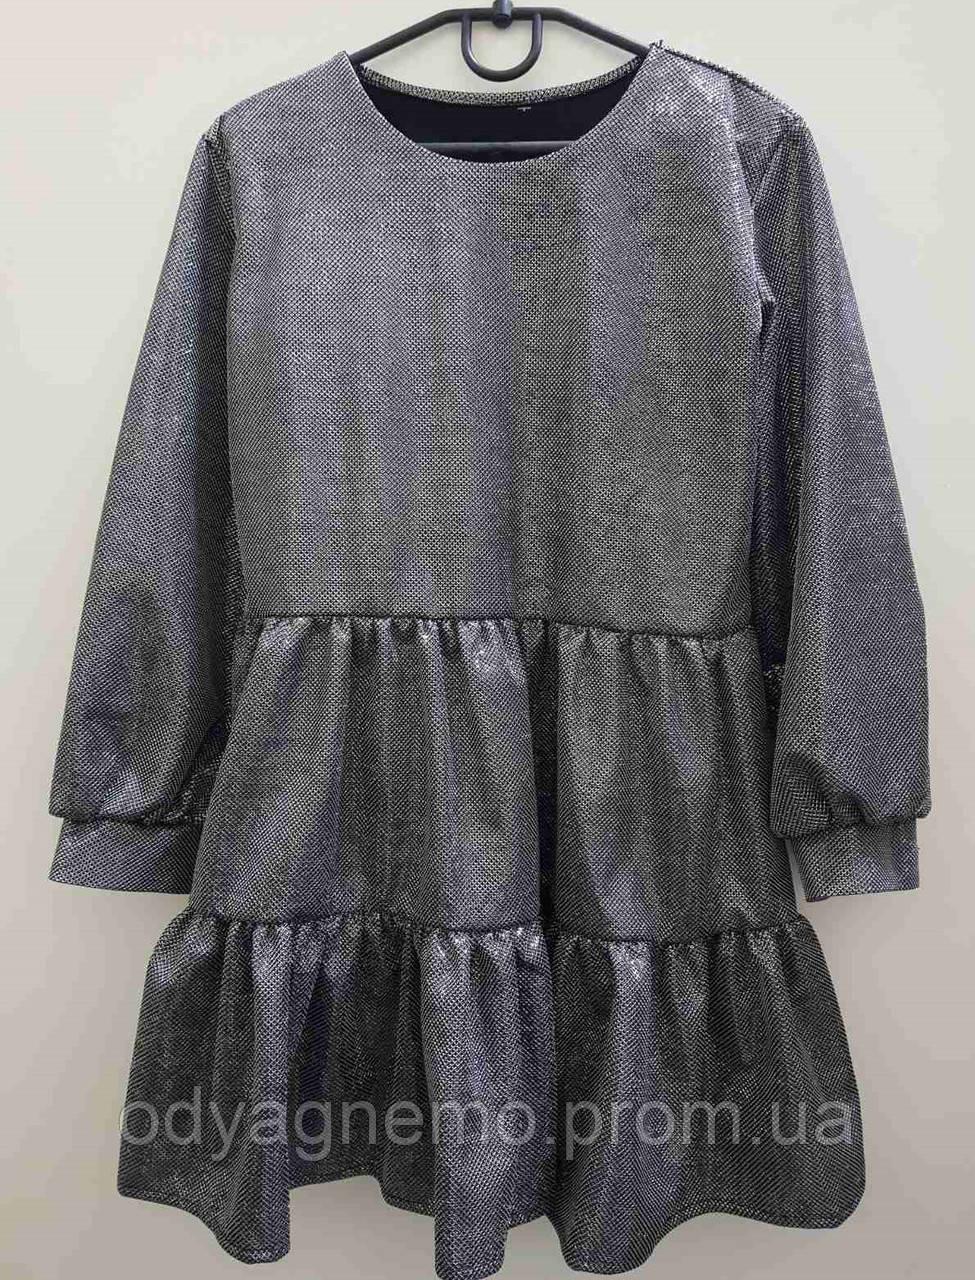 Платье c блестящим напылением для девочек, 128-164 рр.  Артикул: AS5428